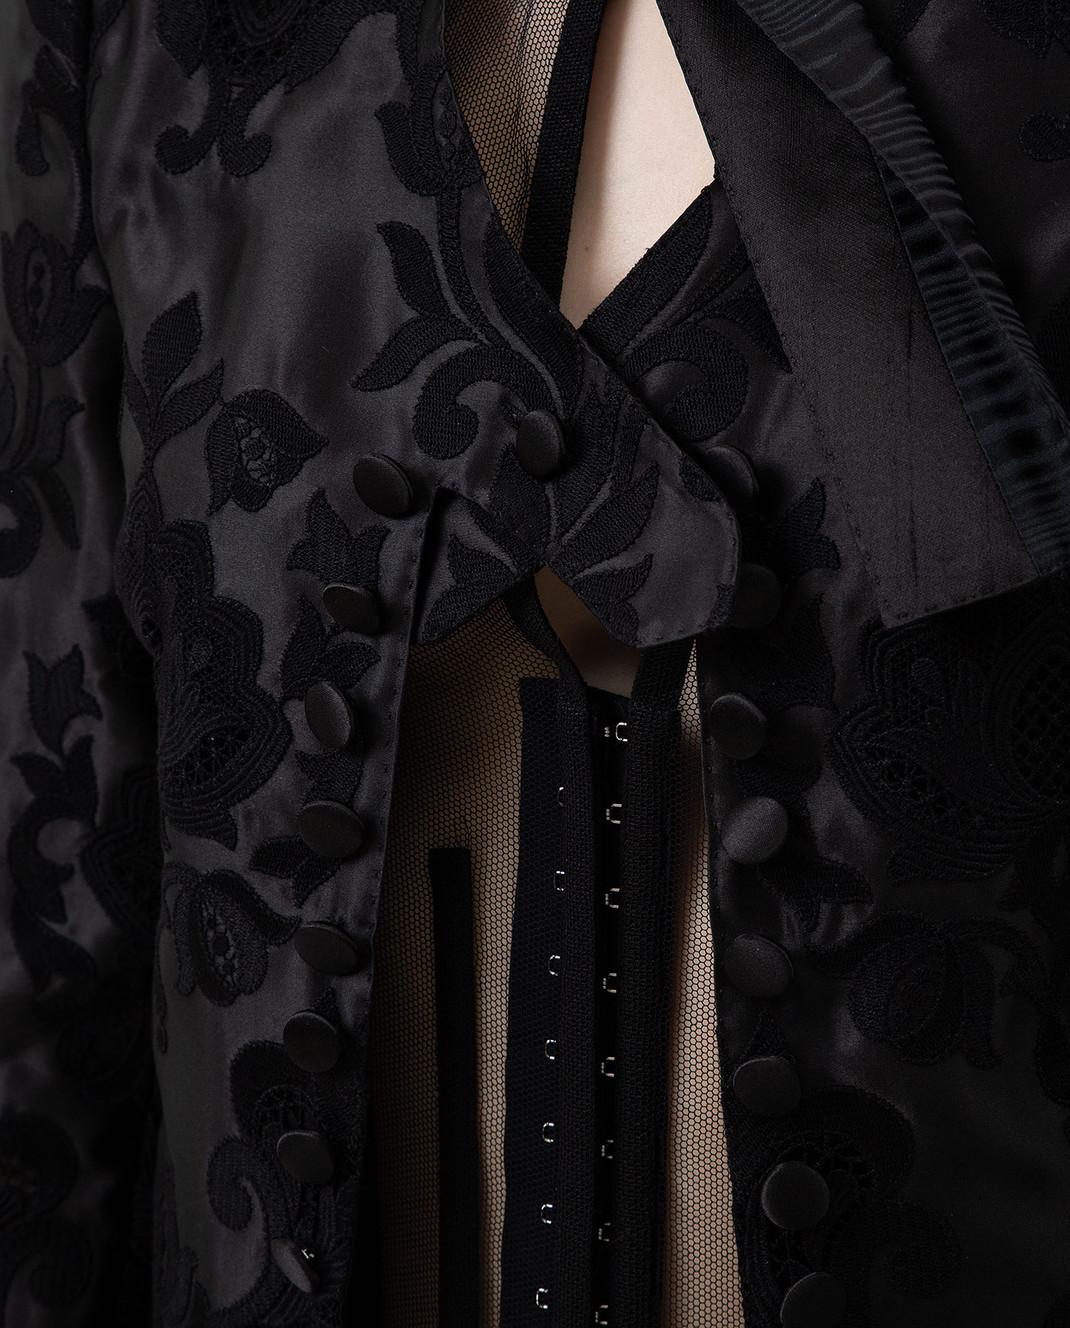 Dolce&Gabbana Черный жакет из шелка изображение 5